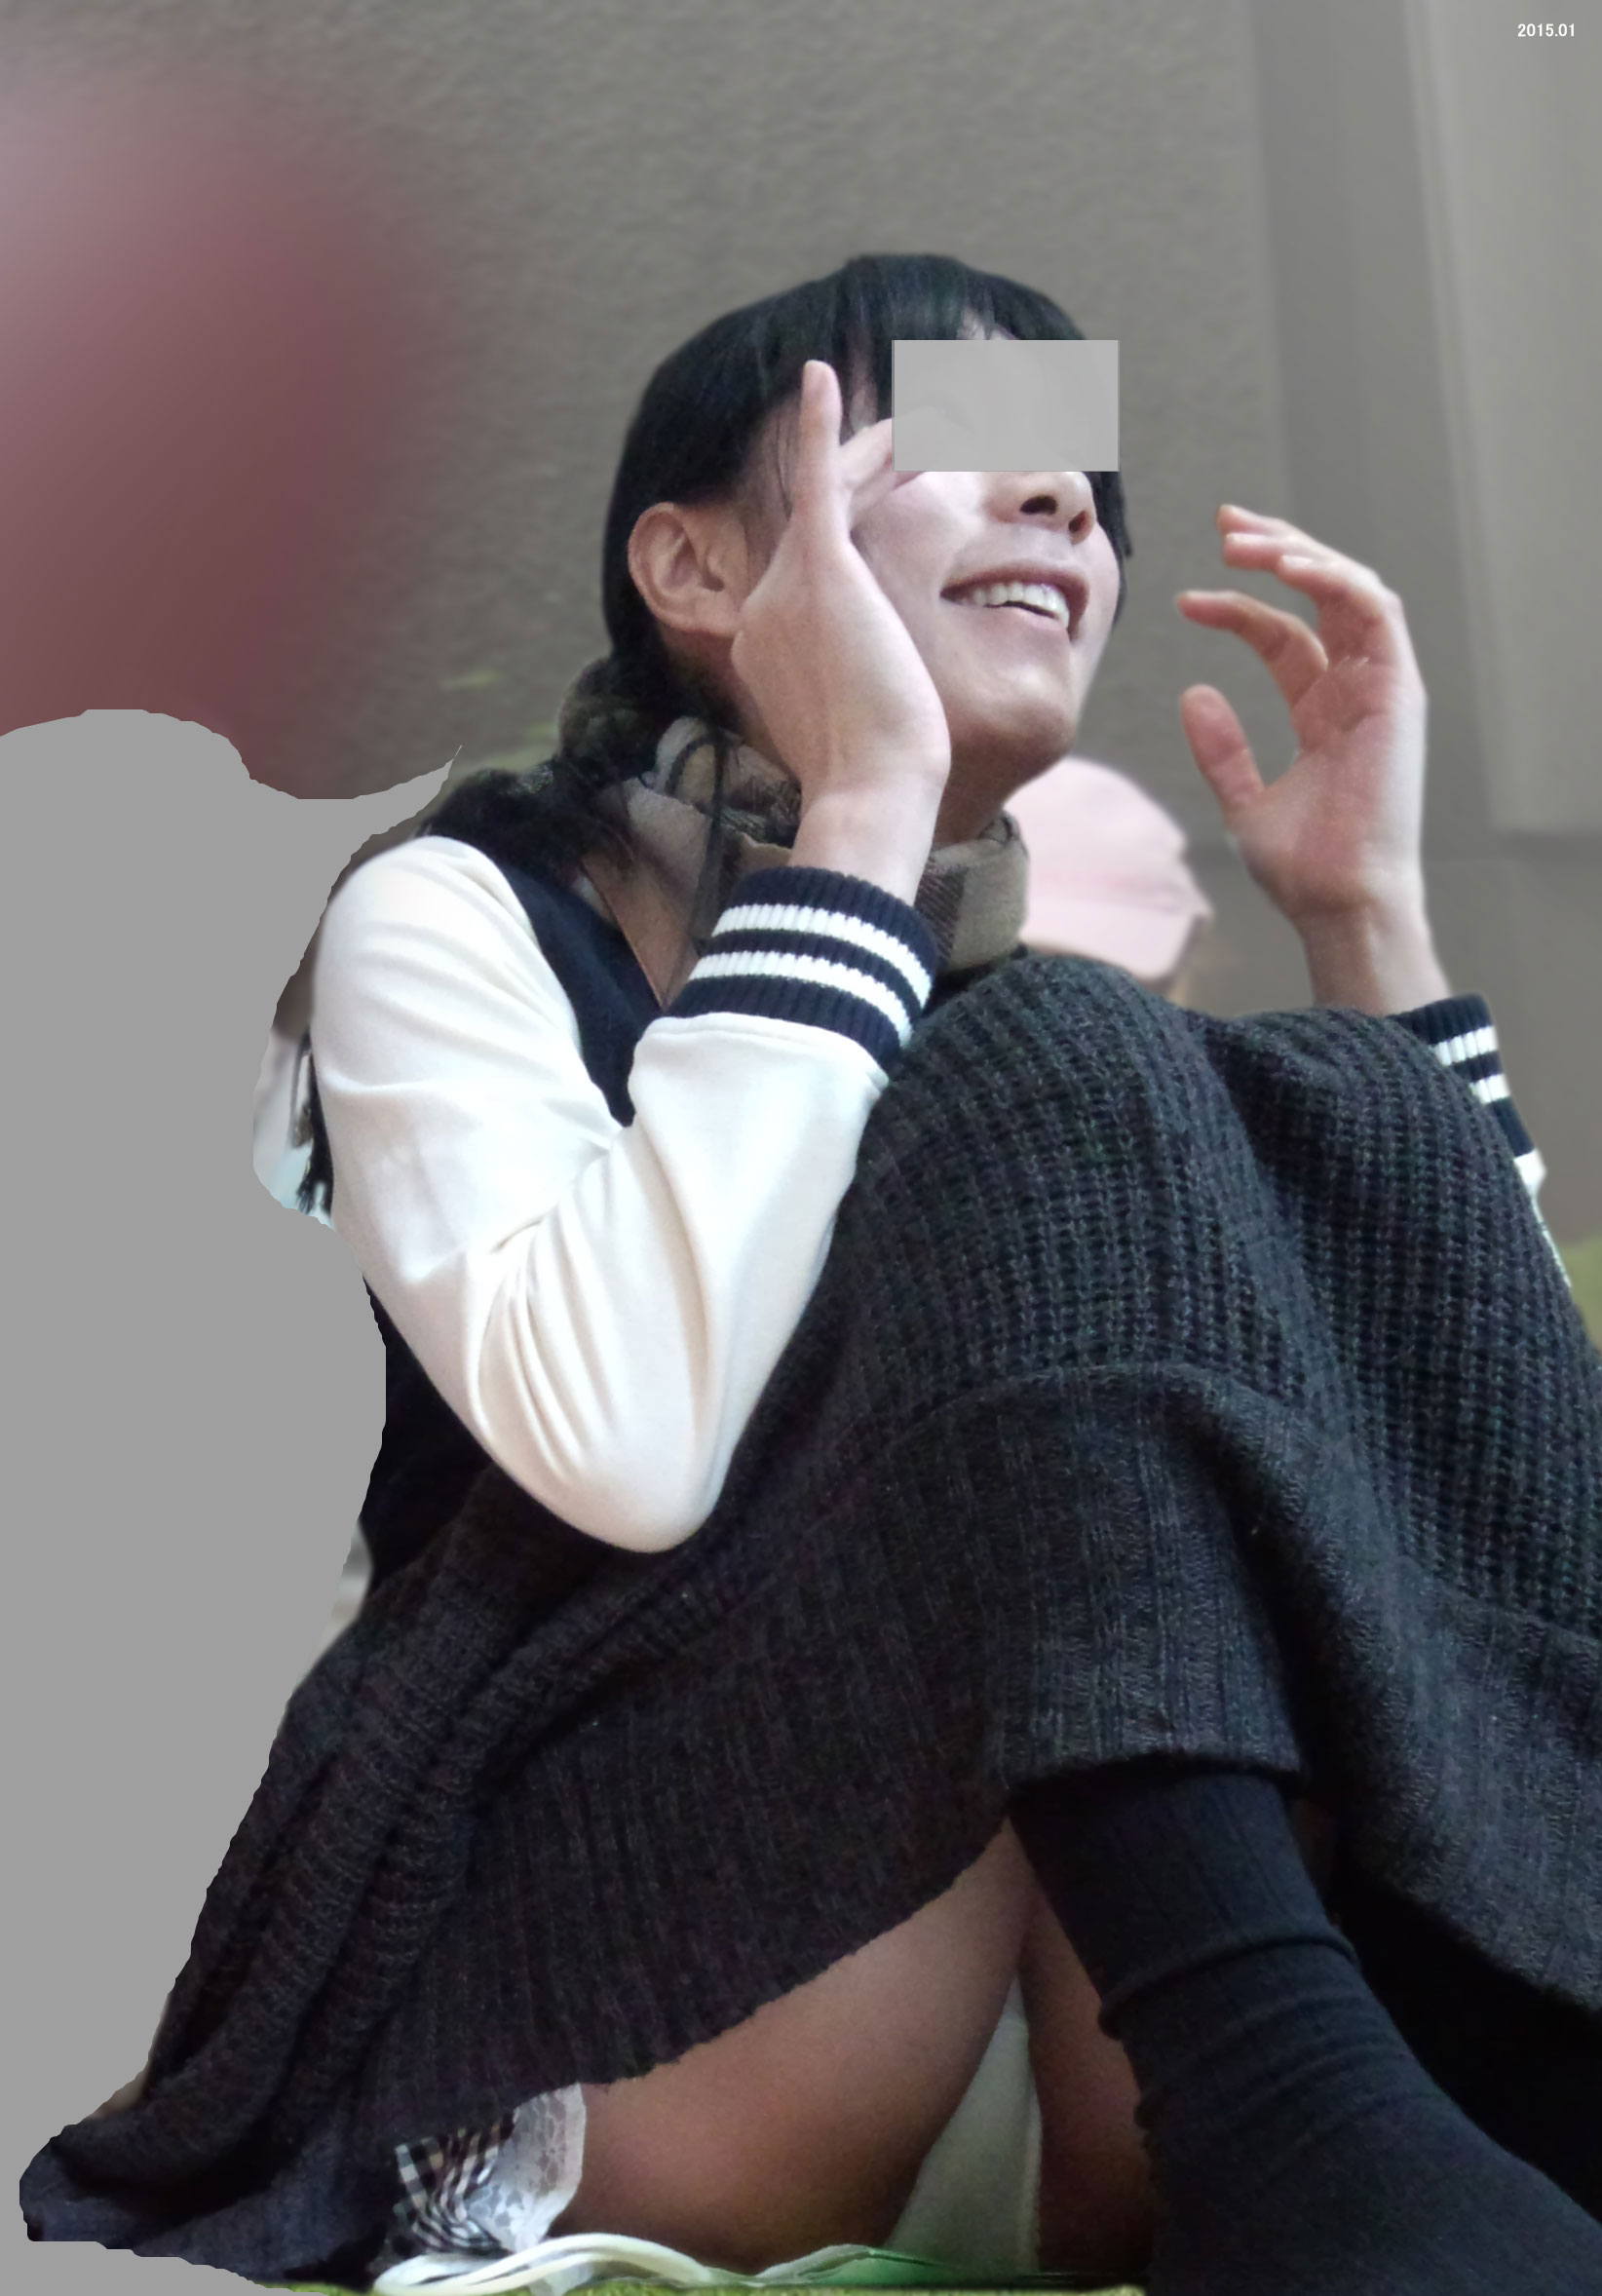 【パンチラエロ画像】見せて~!という念が通じたのか座ってパンチラしてくれるミニスカ娘たちwww 03